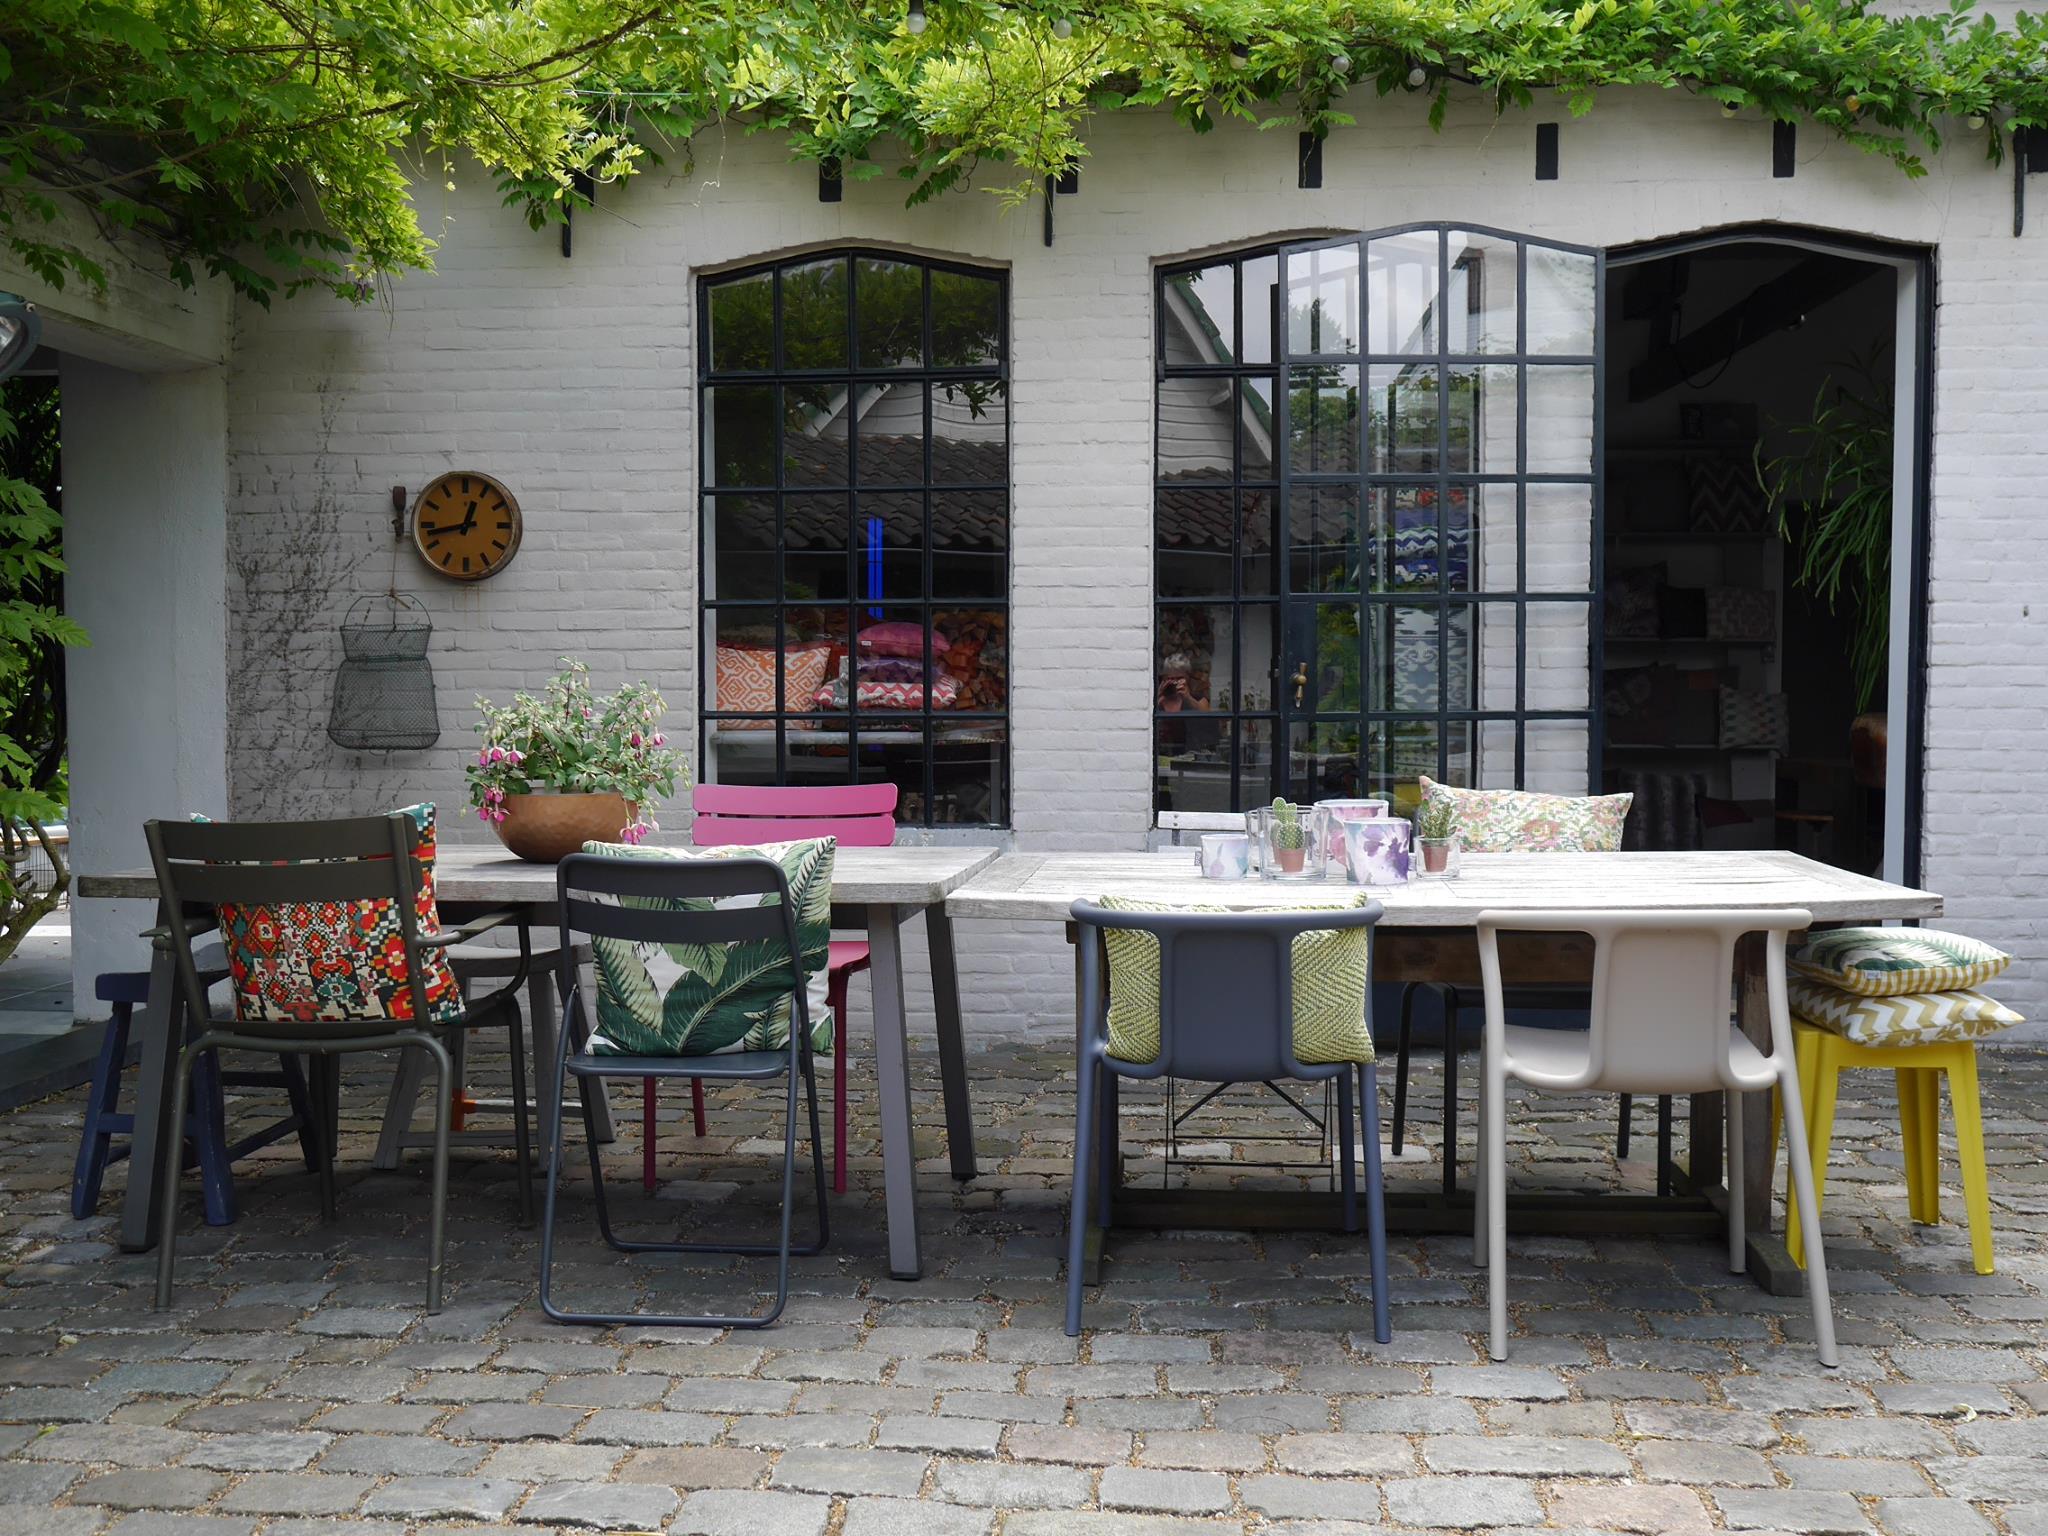 Tuin aankleden glmc - Decoratie terrace ...